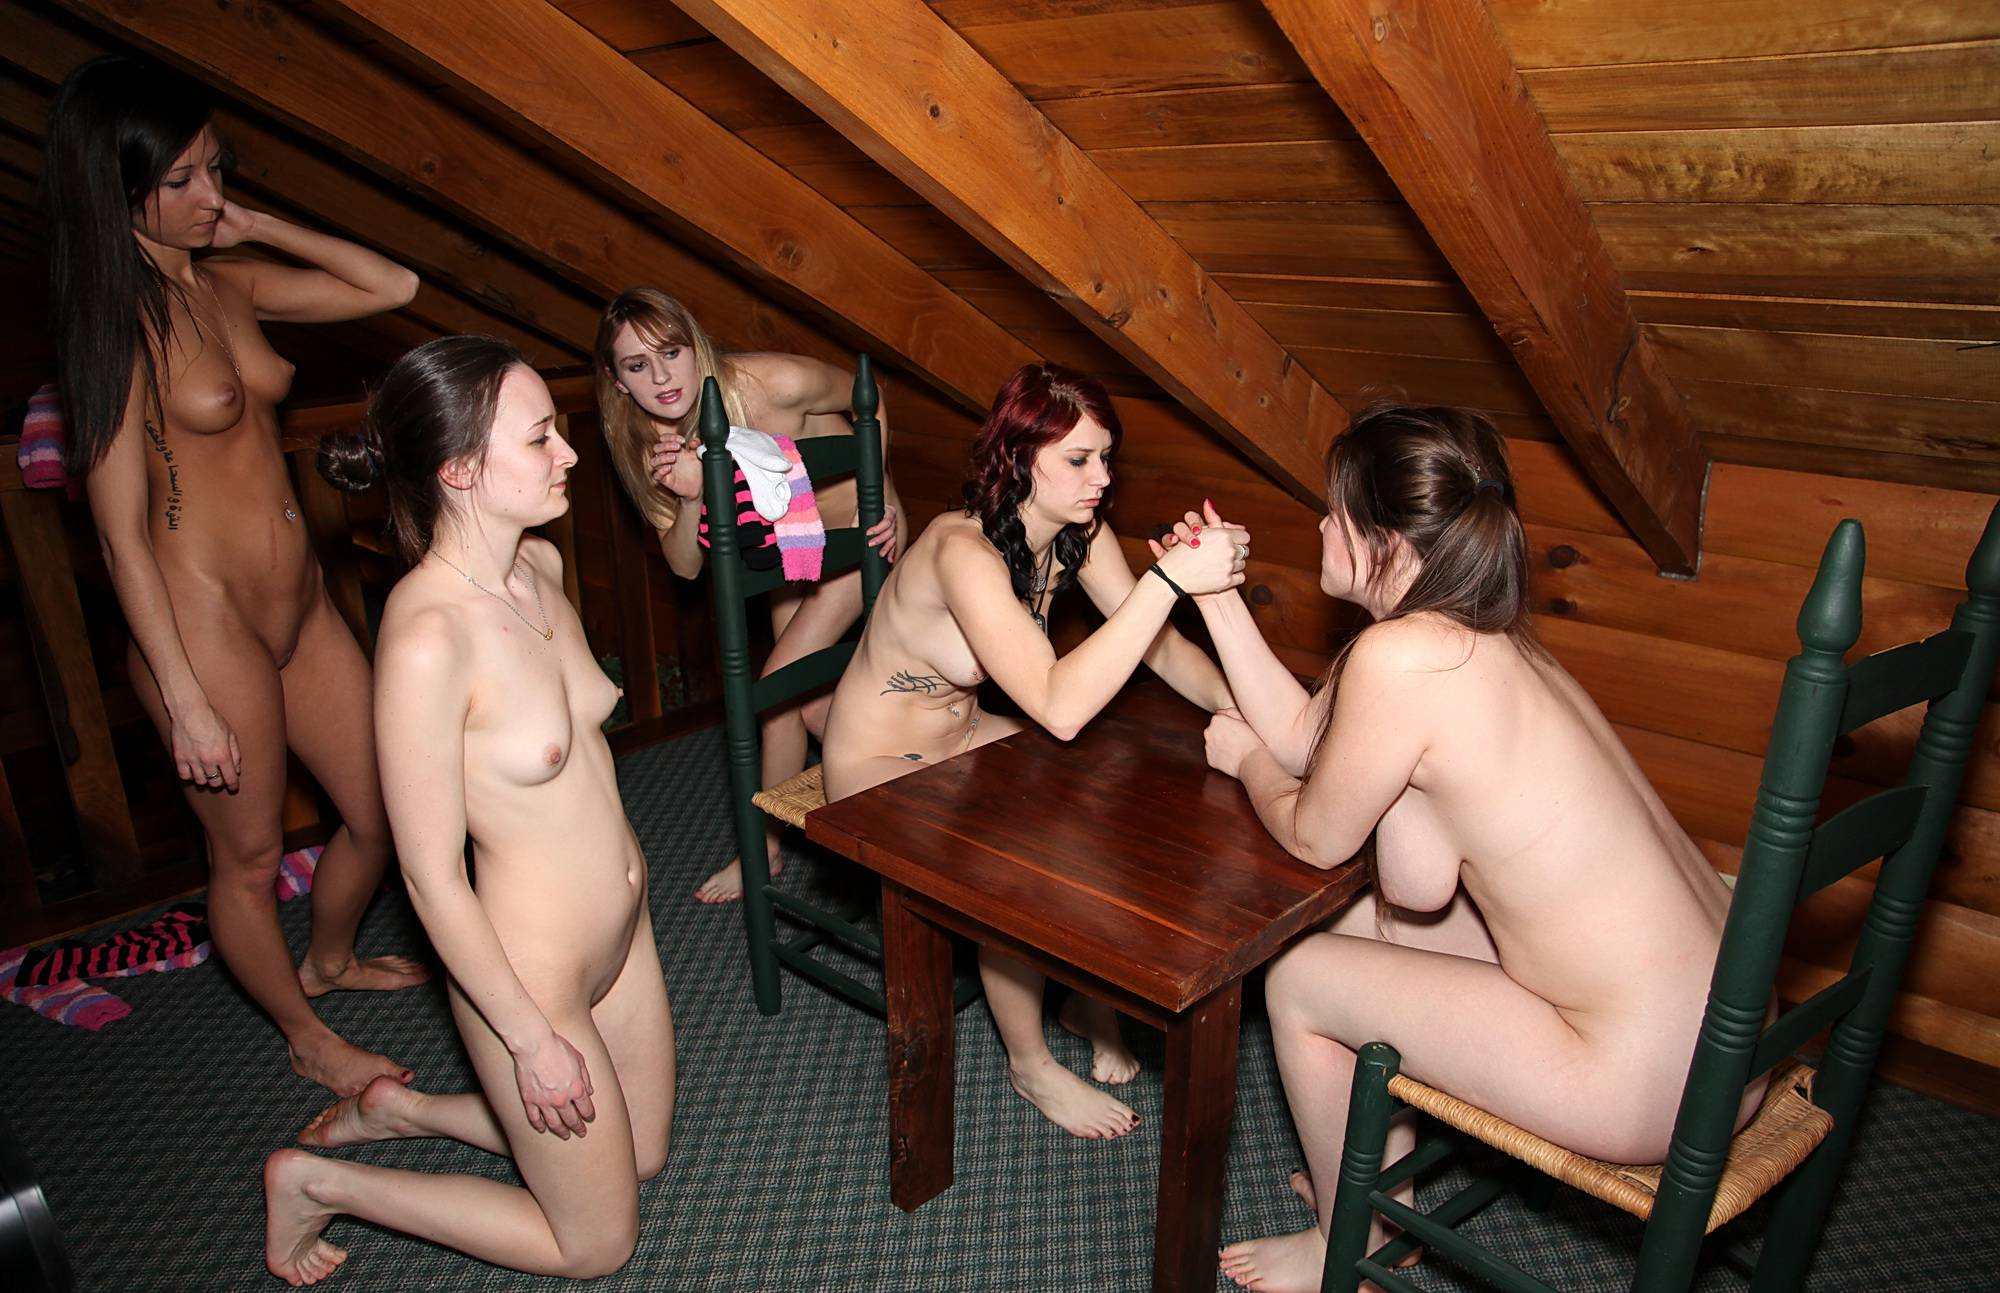 Nudist Gallery Graceful Arm Wrestling - 2